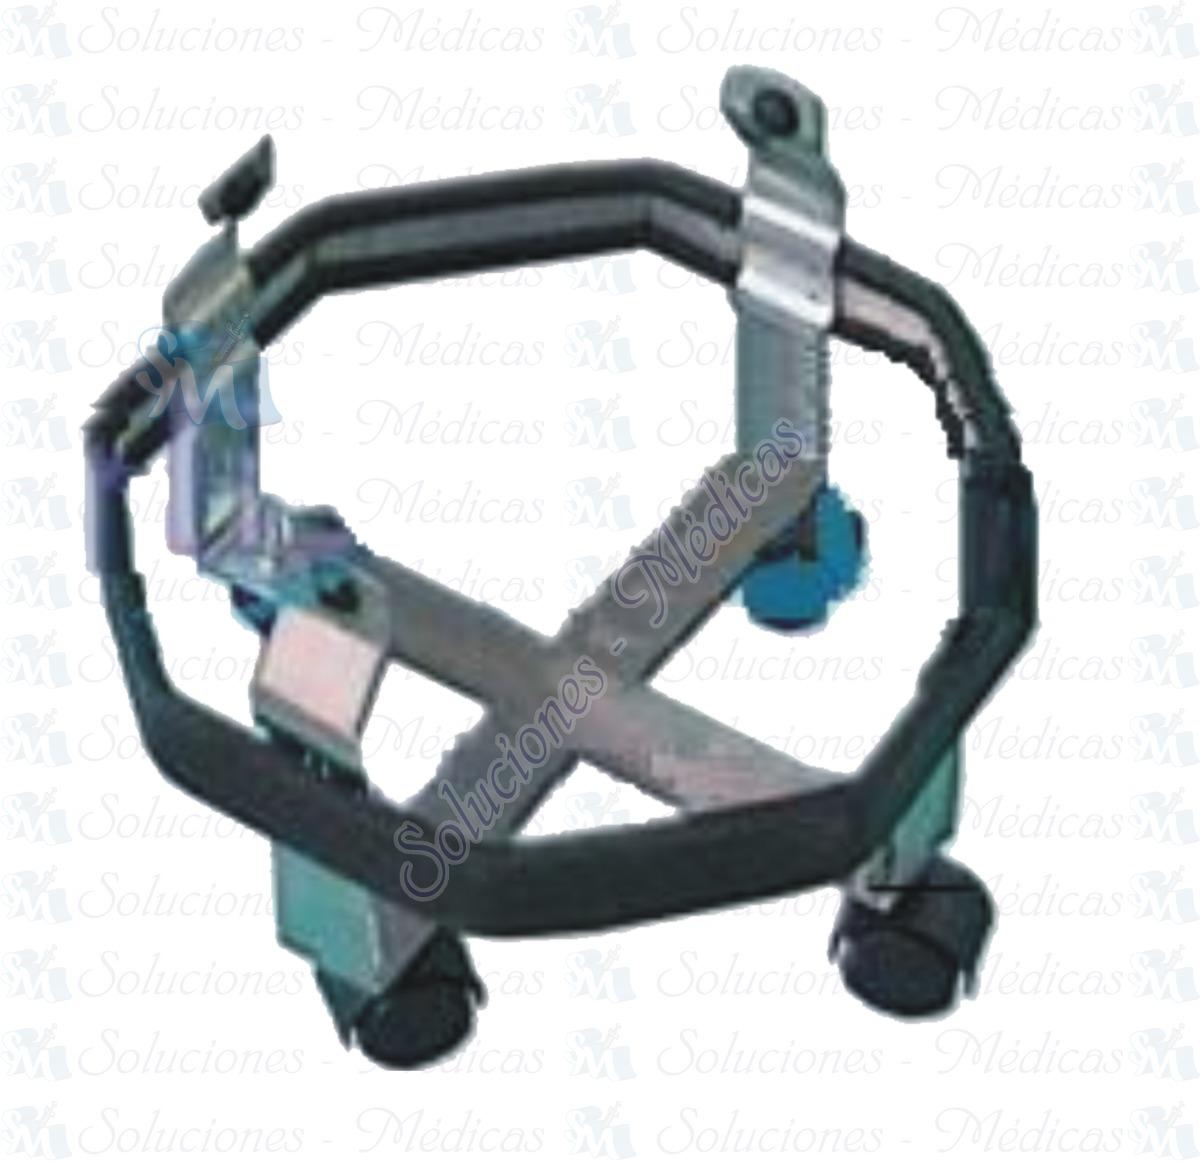 Cubeta de patada con porta cubeta rodable acero inoxidable for Cubetas de acero inoxidable